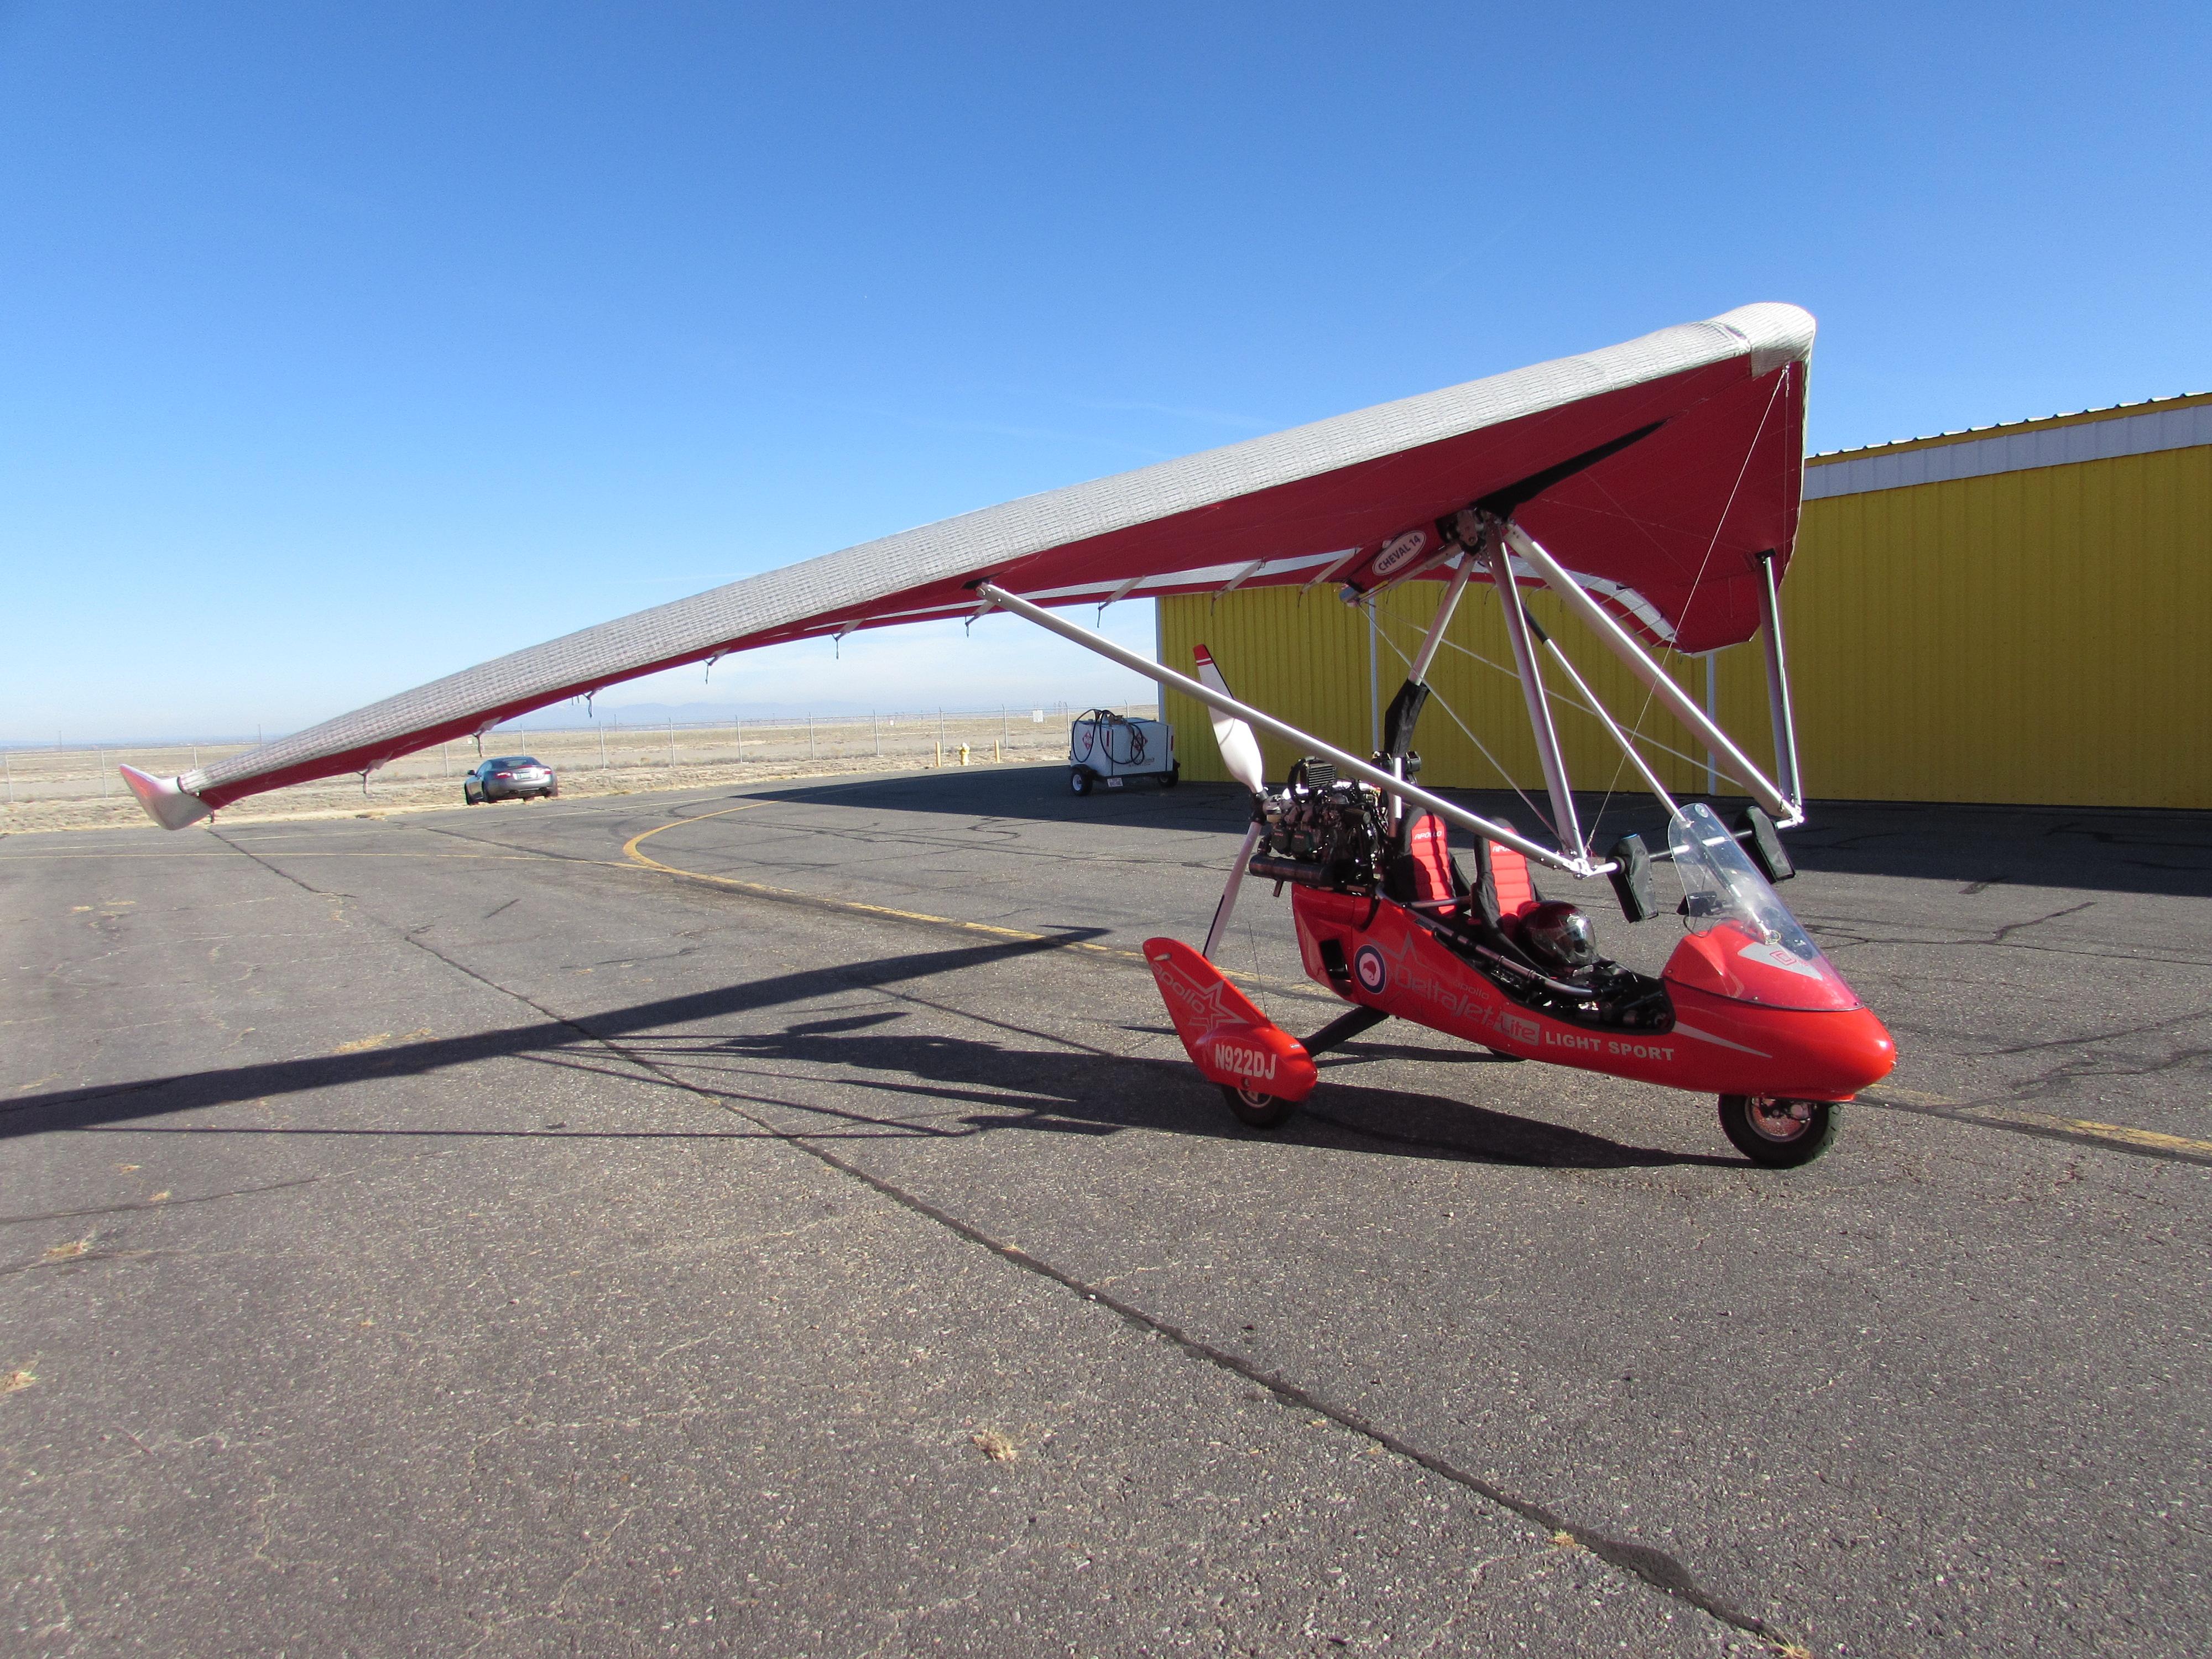 Apollo Delta Jet trike for sale